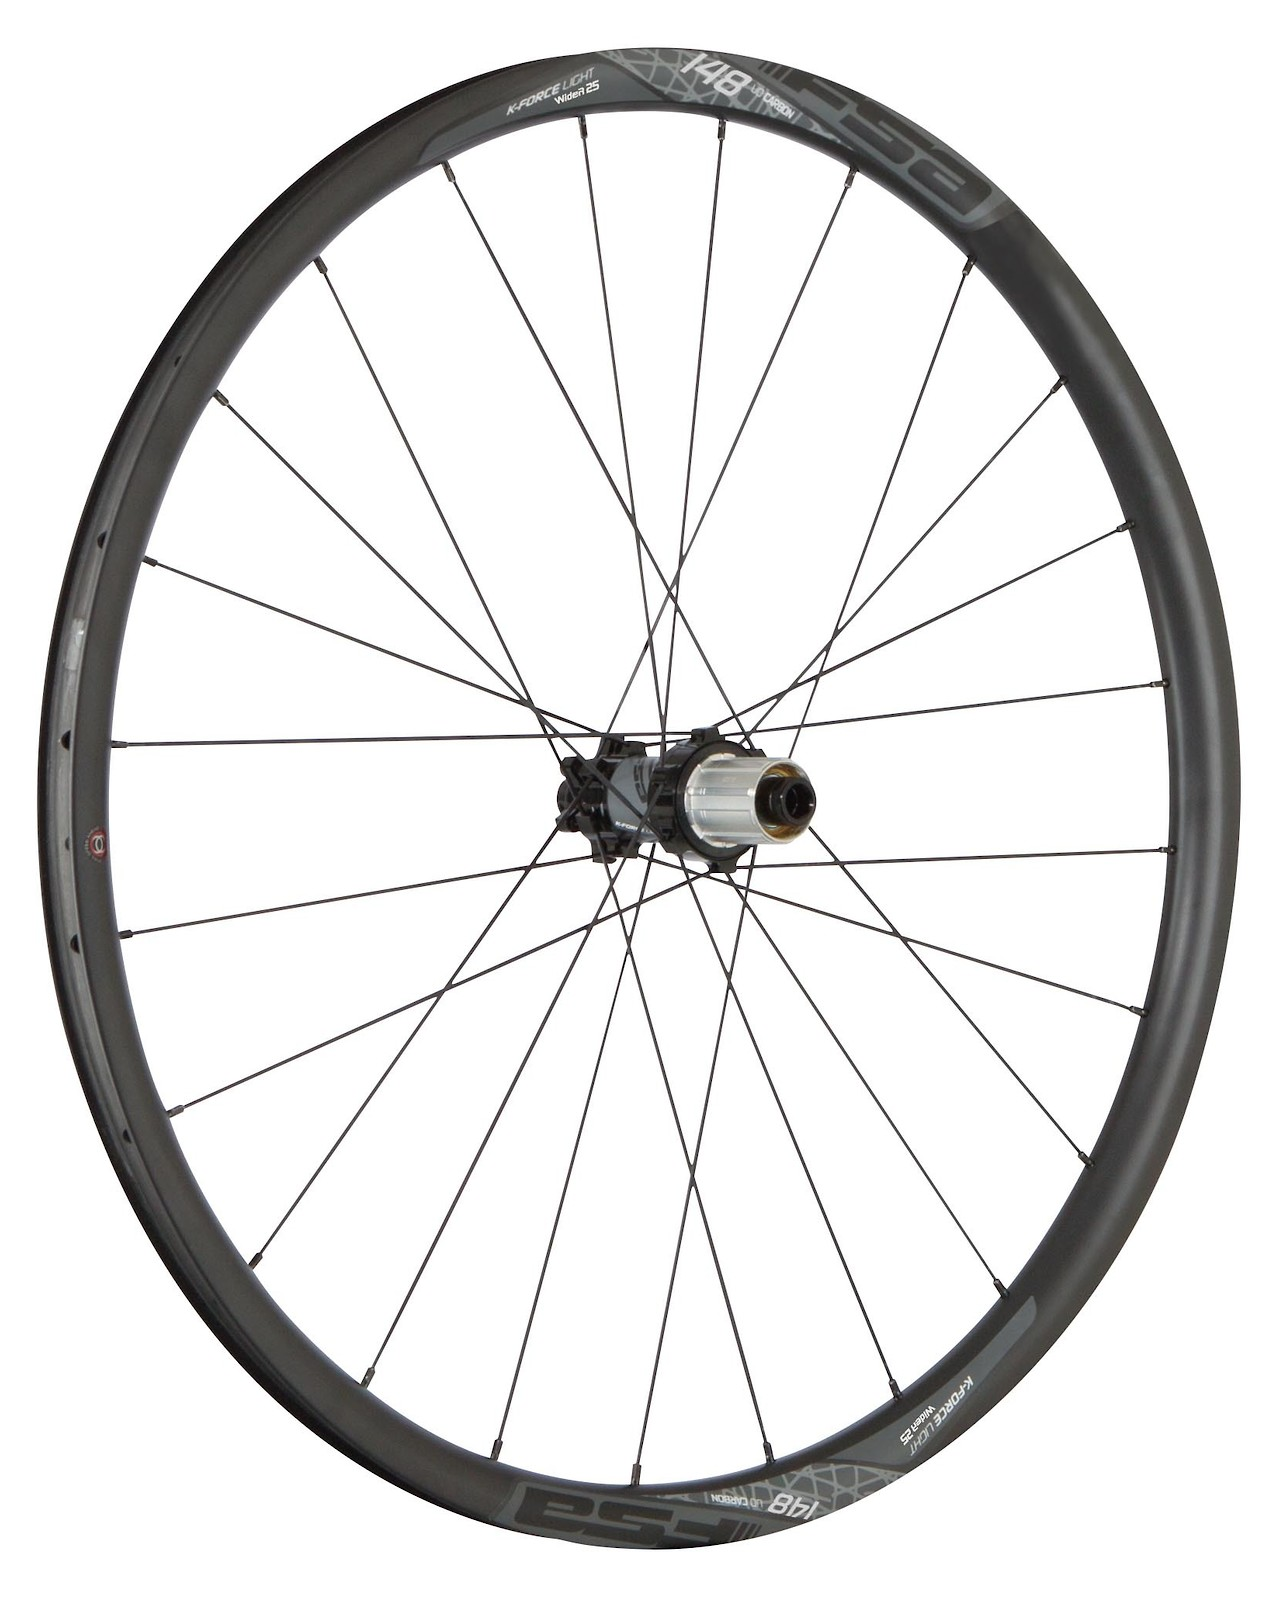 FSA K-Force WideR25 Rear Wheel